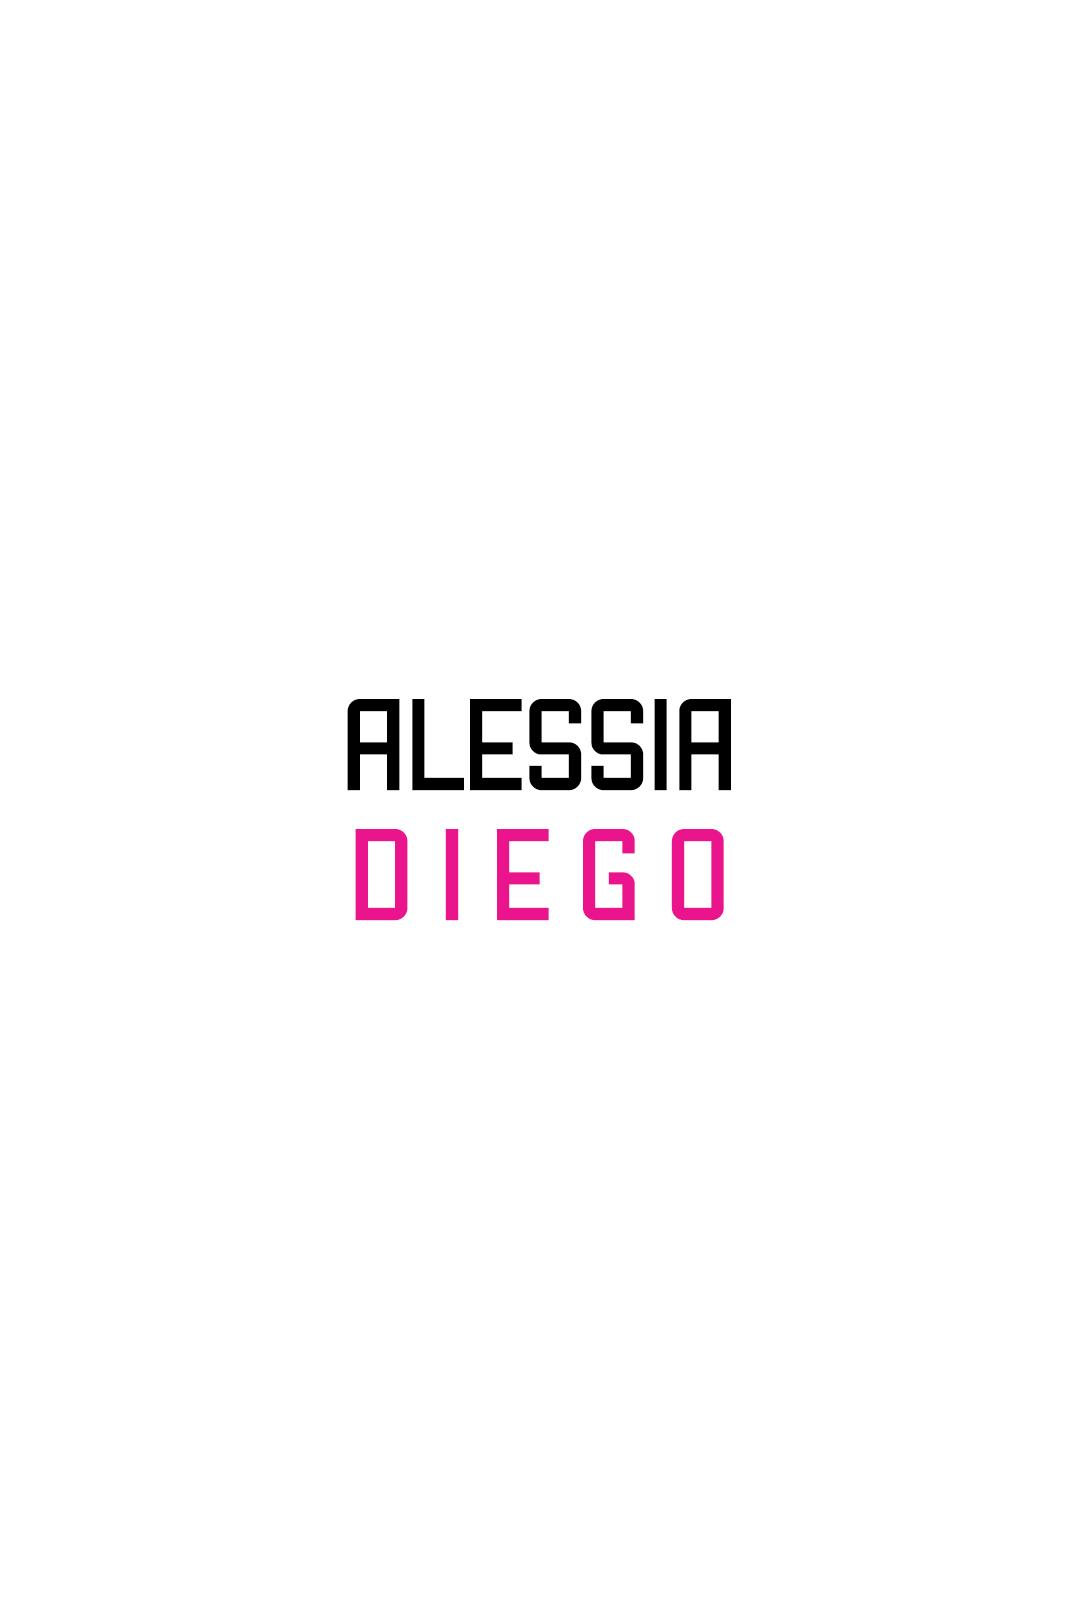 12 – Alessia Diego